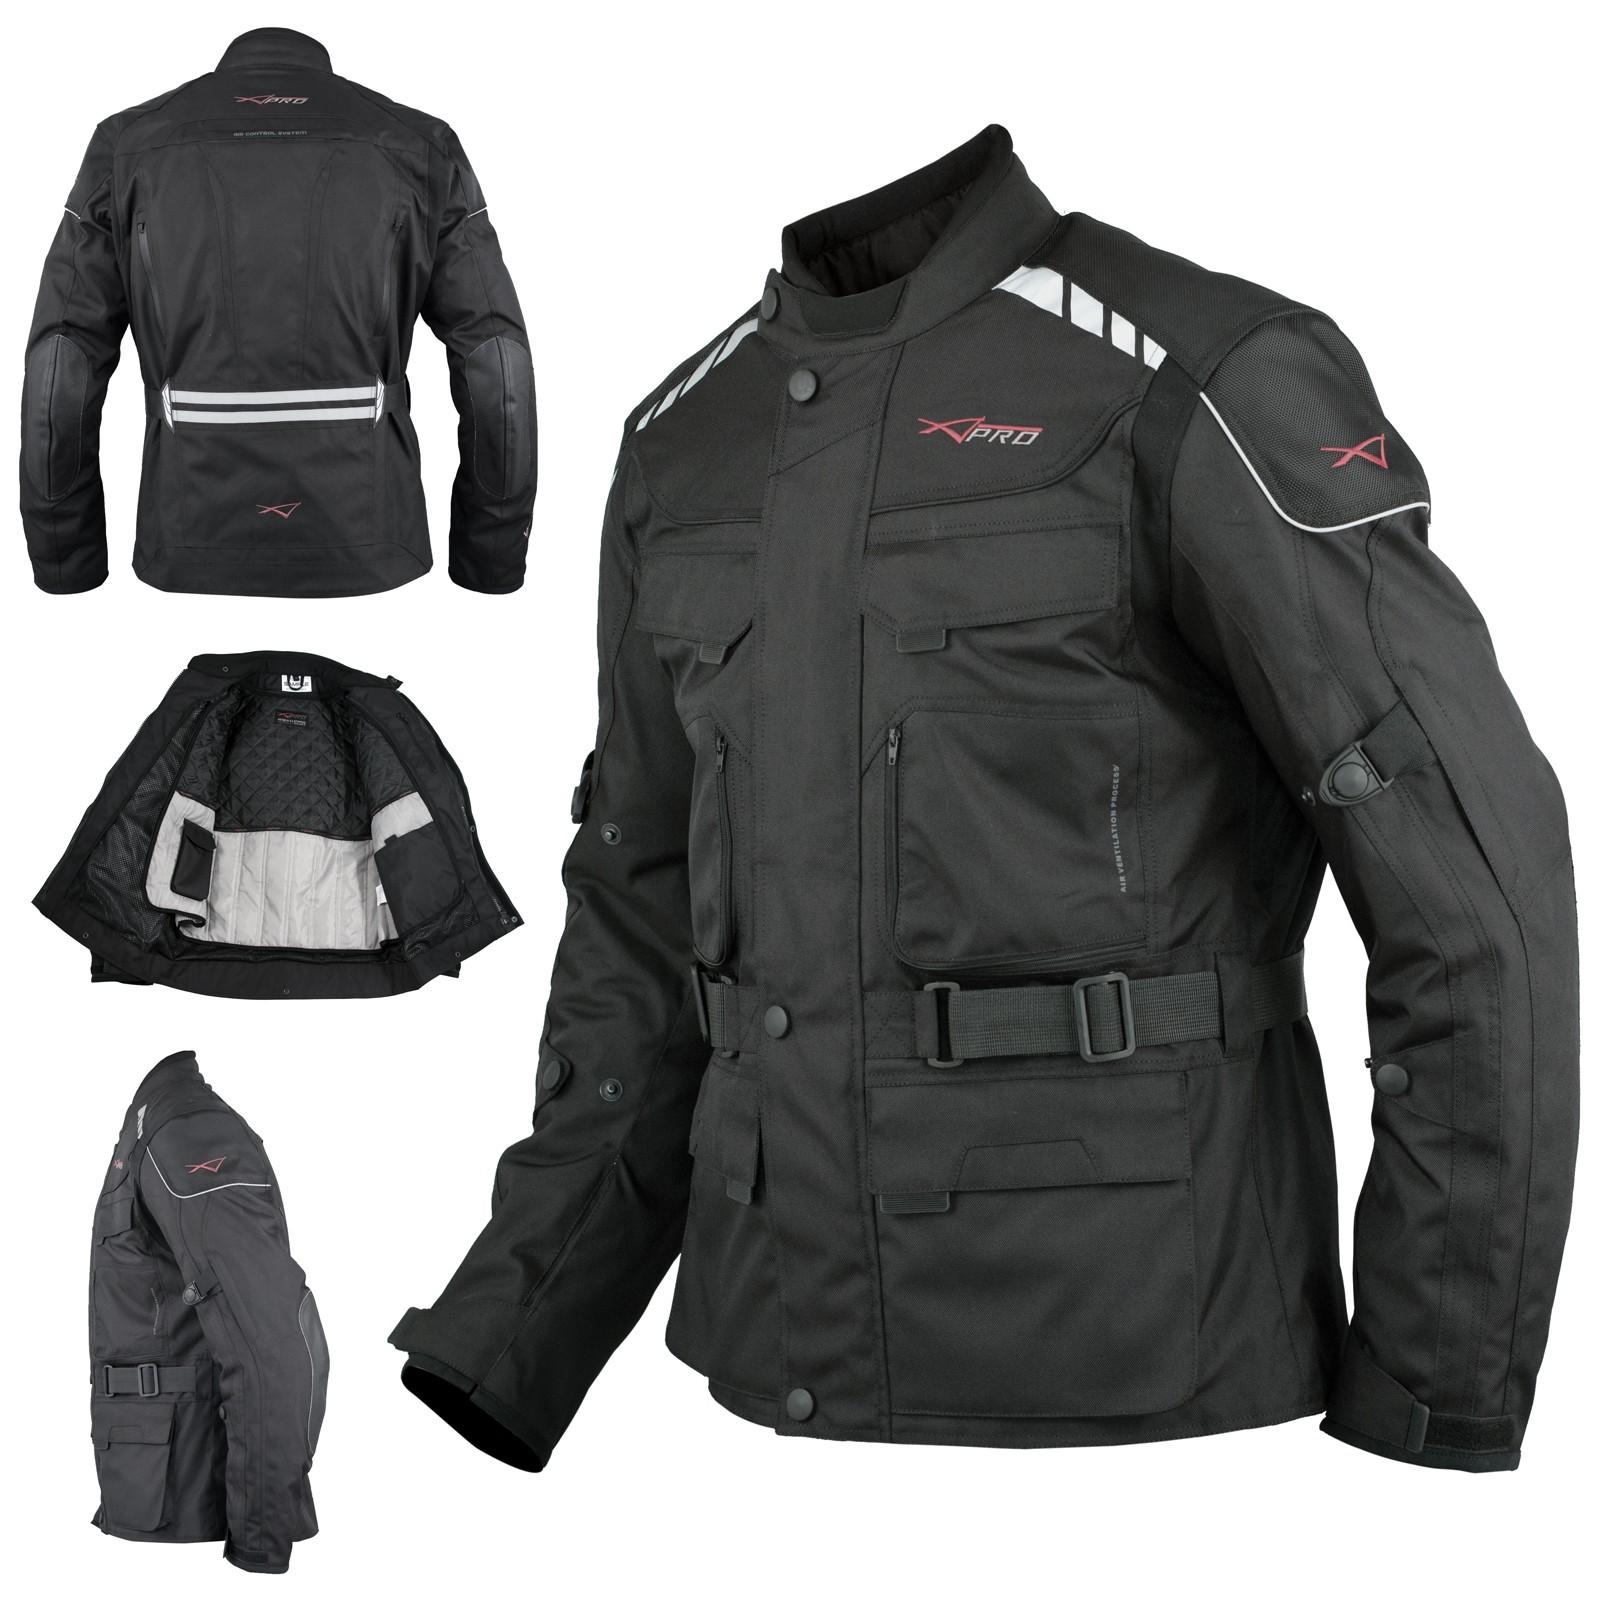 Motorradjacke Roller Textil Thermoweste Wasserdichte Touring Schwarz